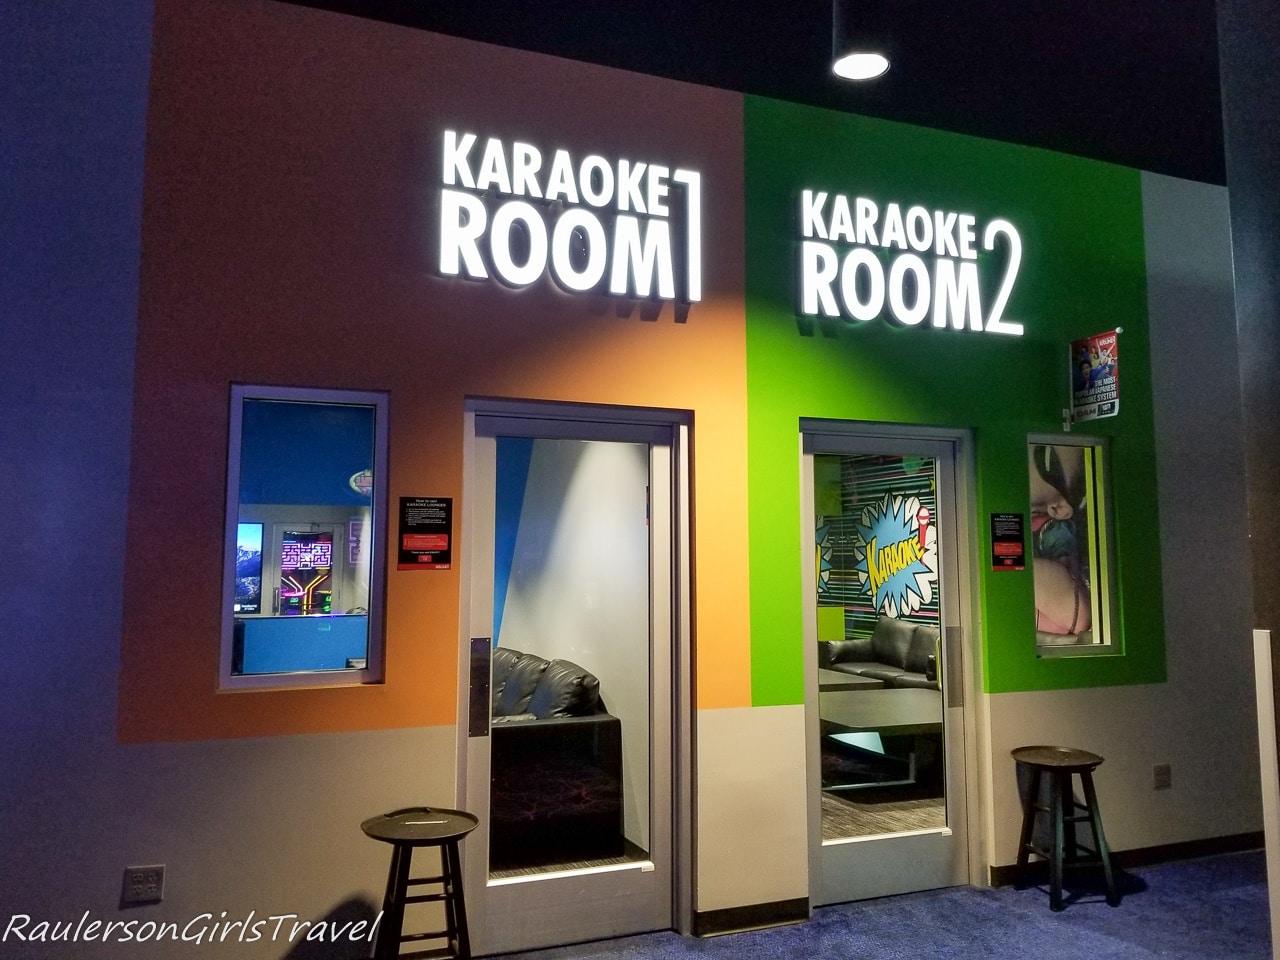 Karaoke Rooms at Round 1